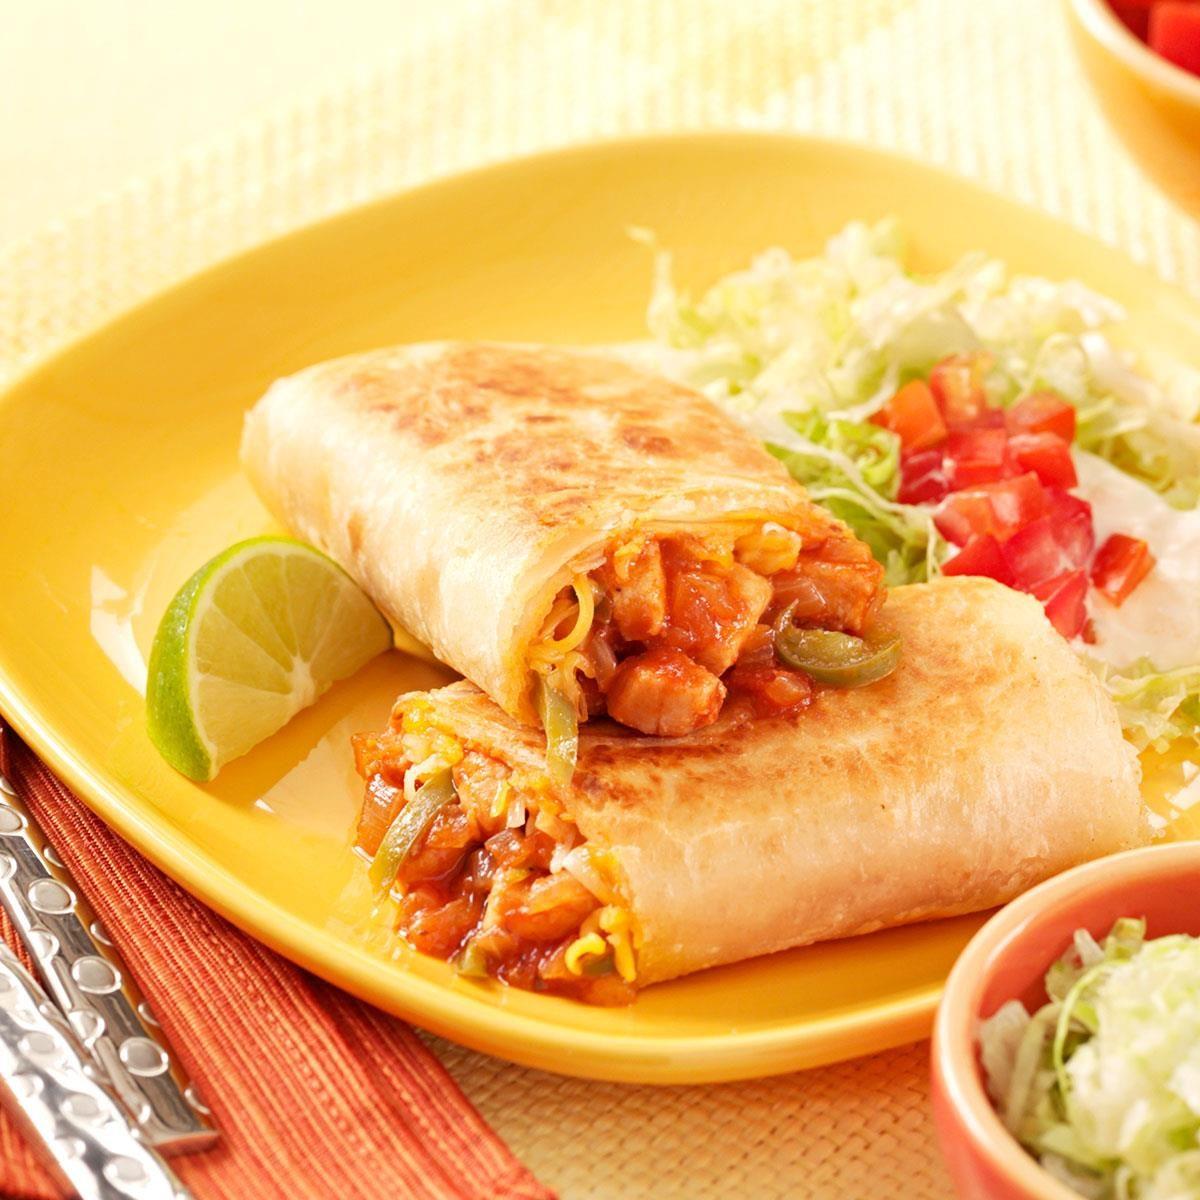 Chicken Burrito Recipe - Cooking Mexican Recipes